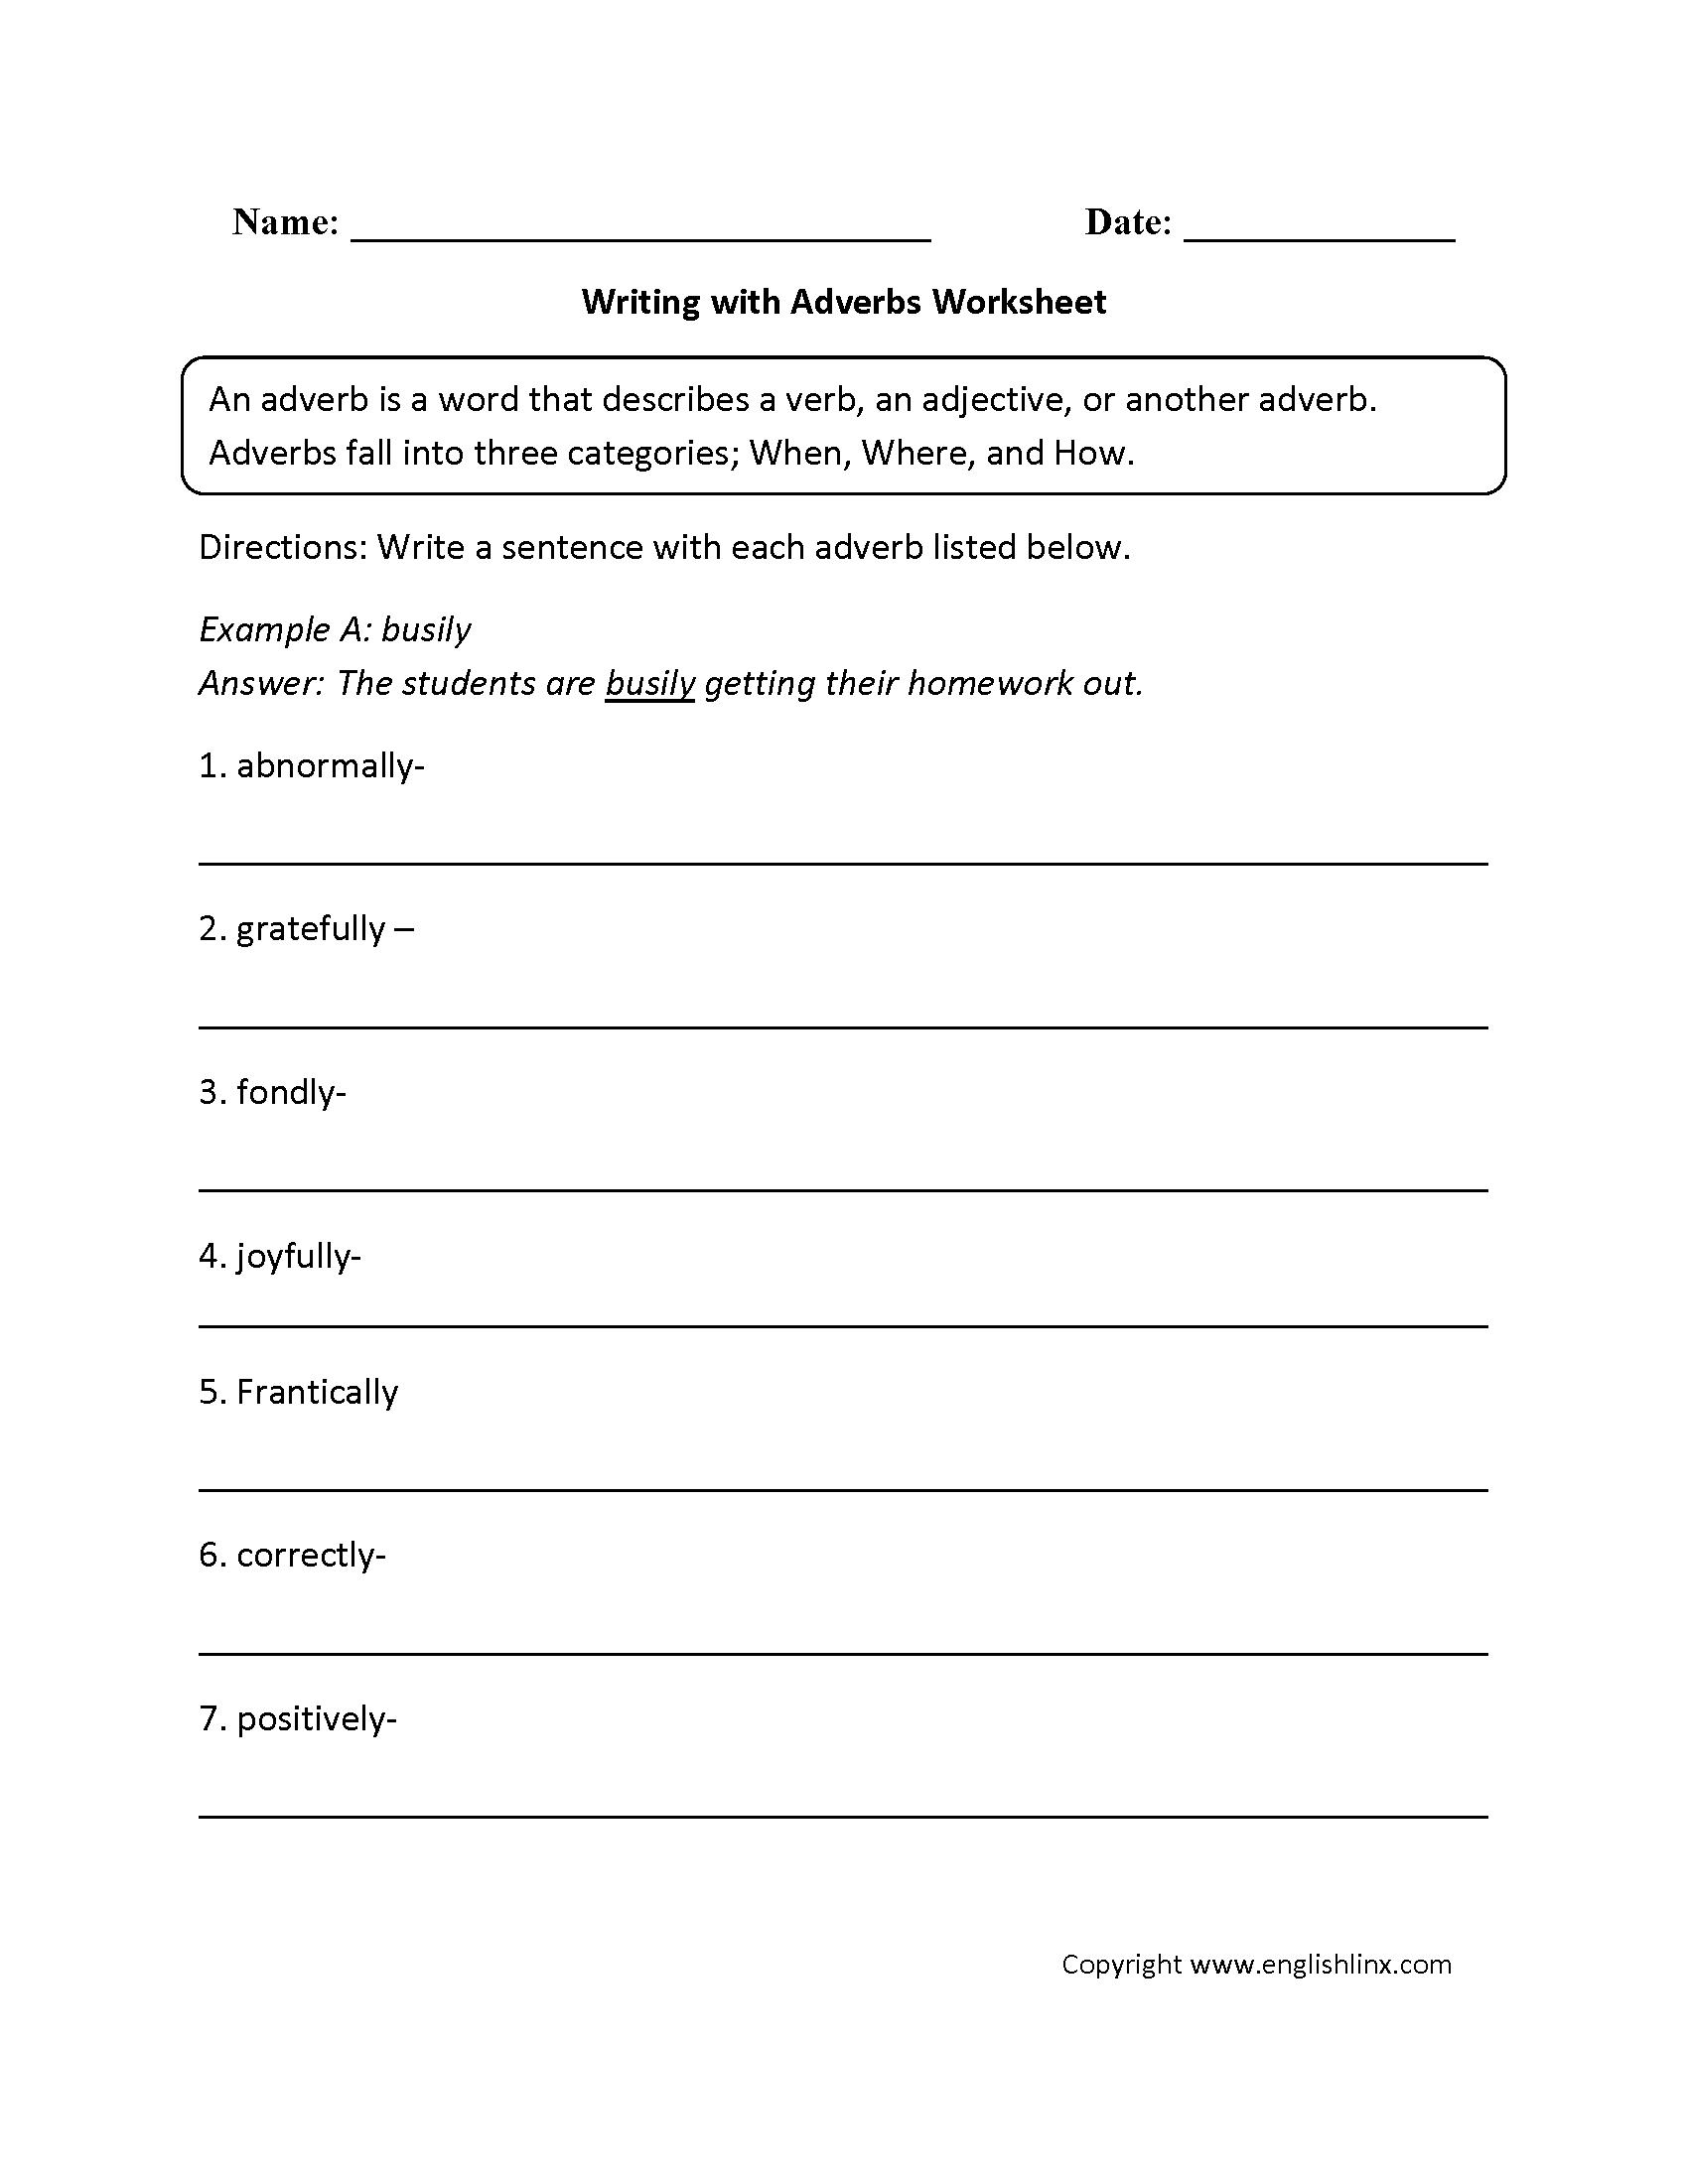 Adverbs Worksheets | Regular Adverbs Worksheets